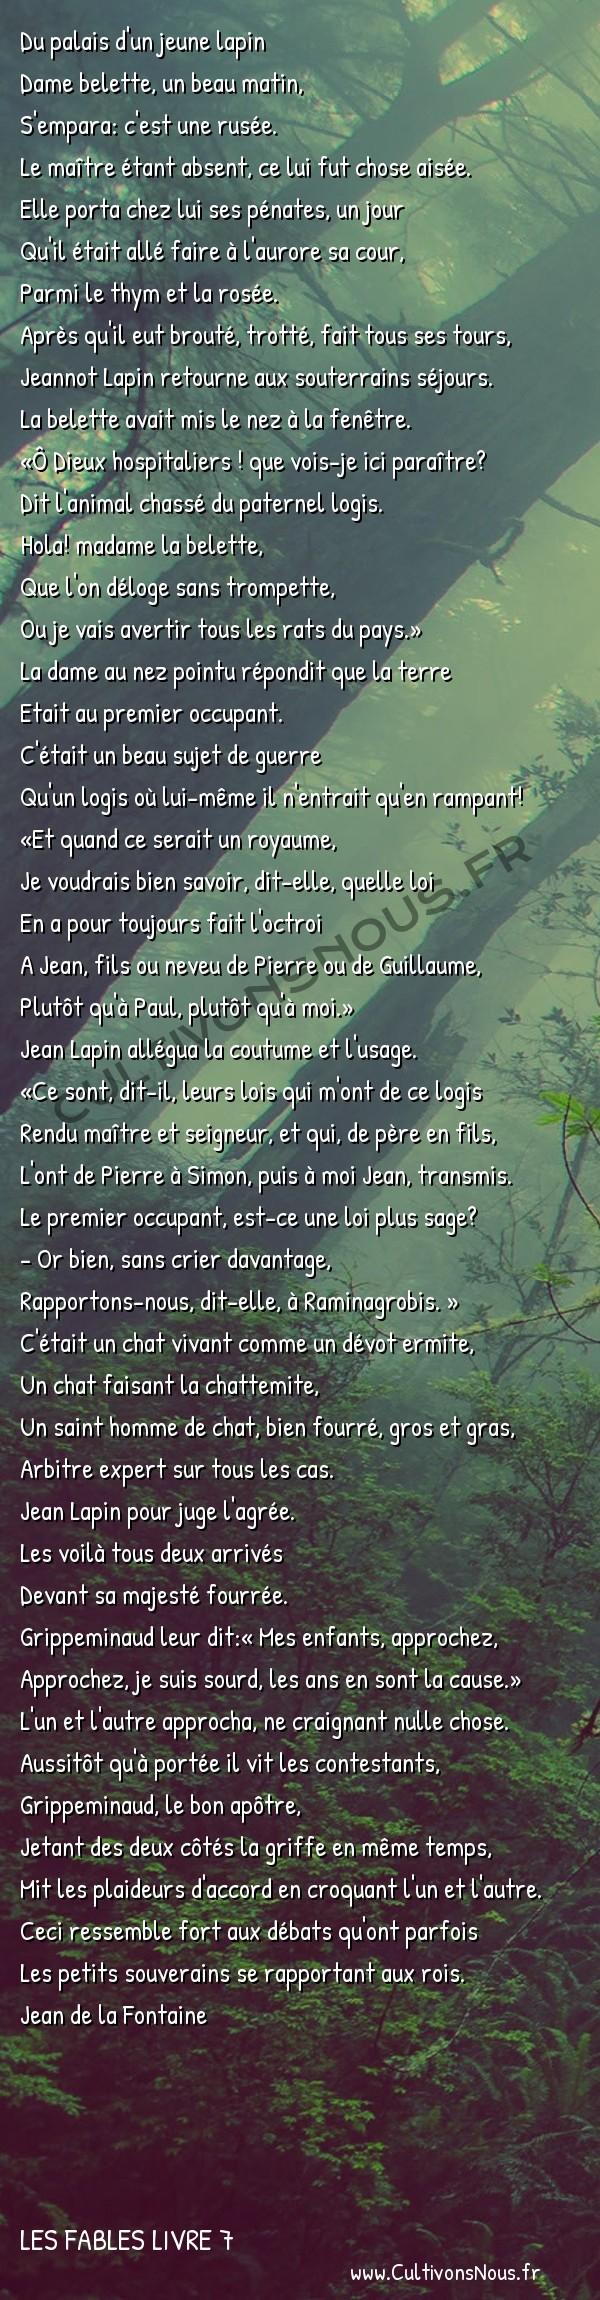 Fables Jean de la Fontaine - Les fables Livre 7 - Le Chat la Belette et le petit lapin -   Du palais d'un jeune lapin Dame belette, un beau matin,